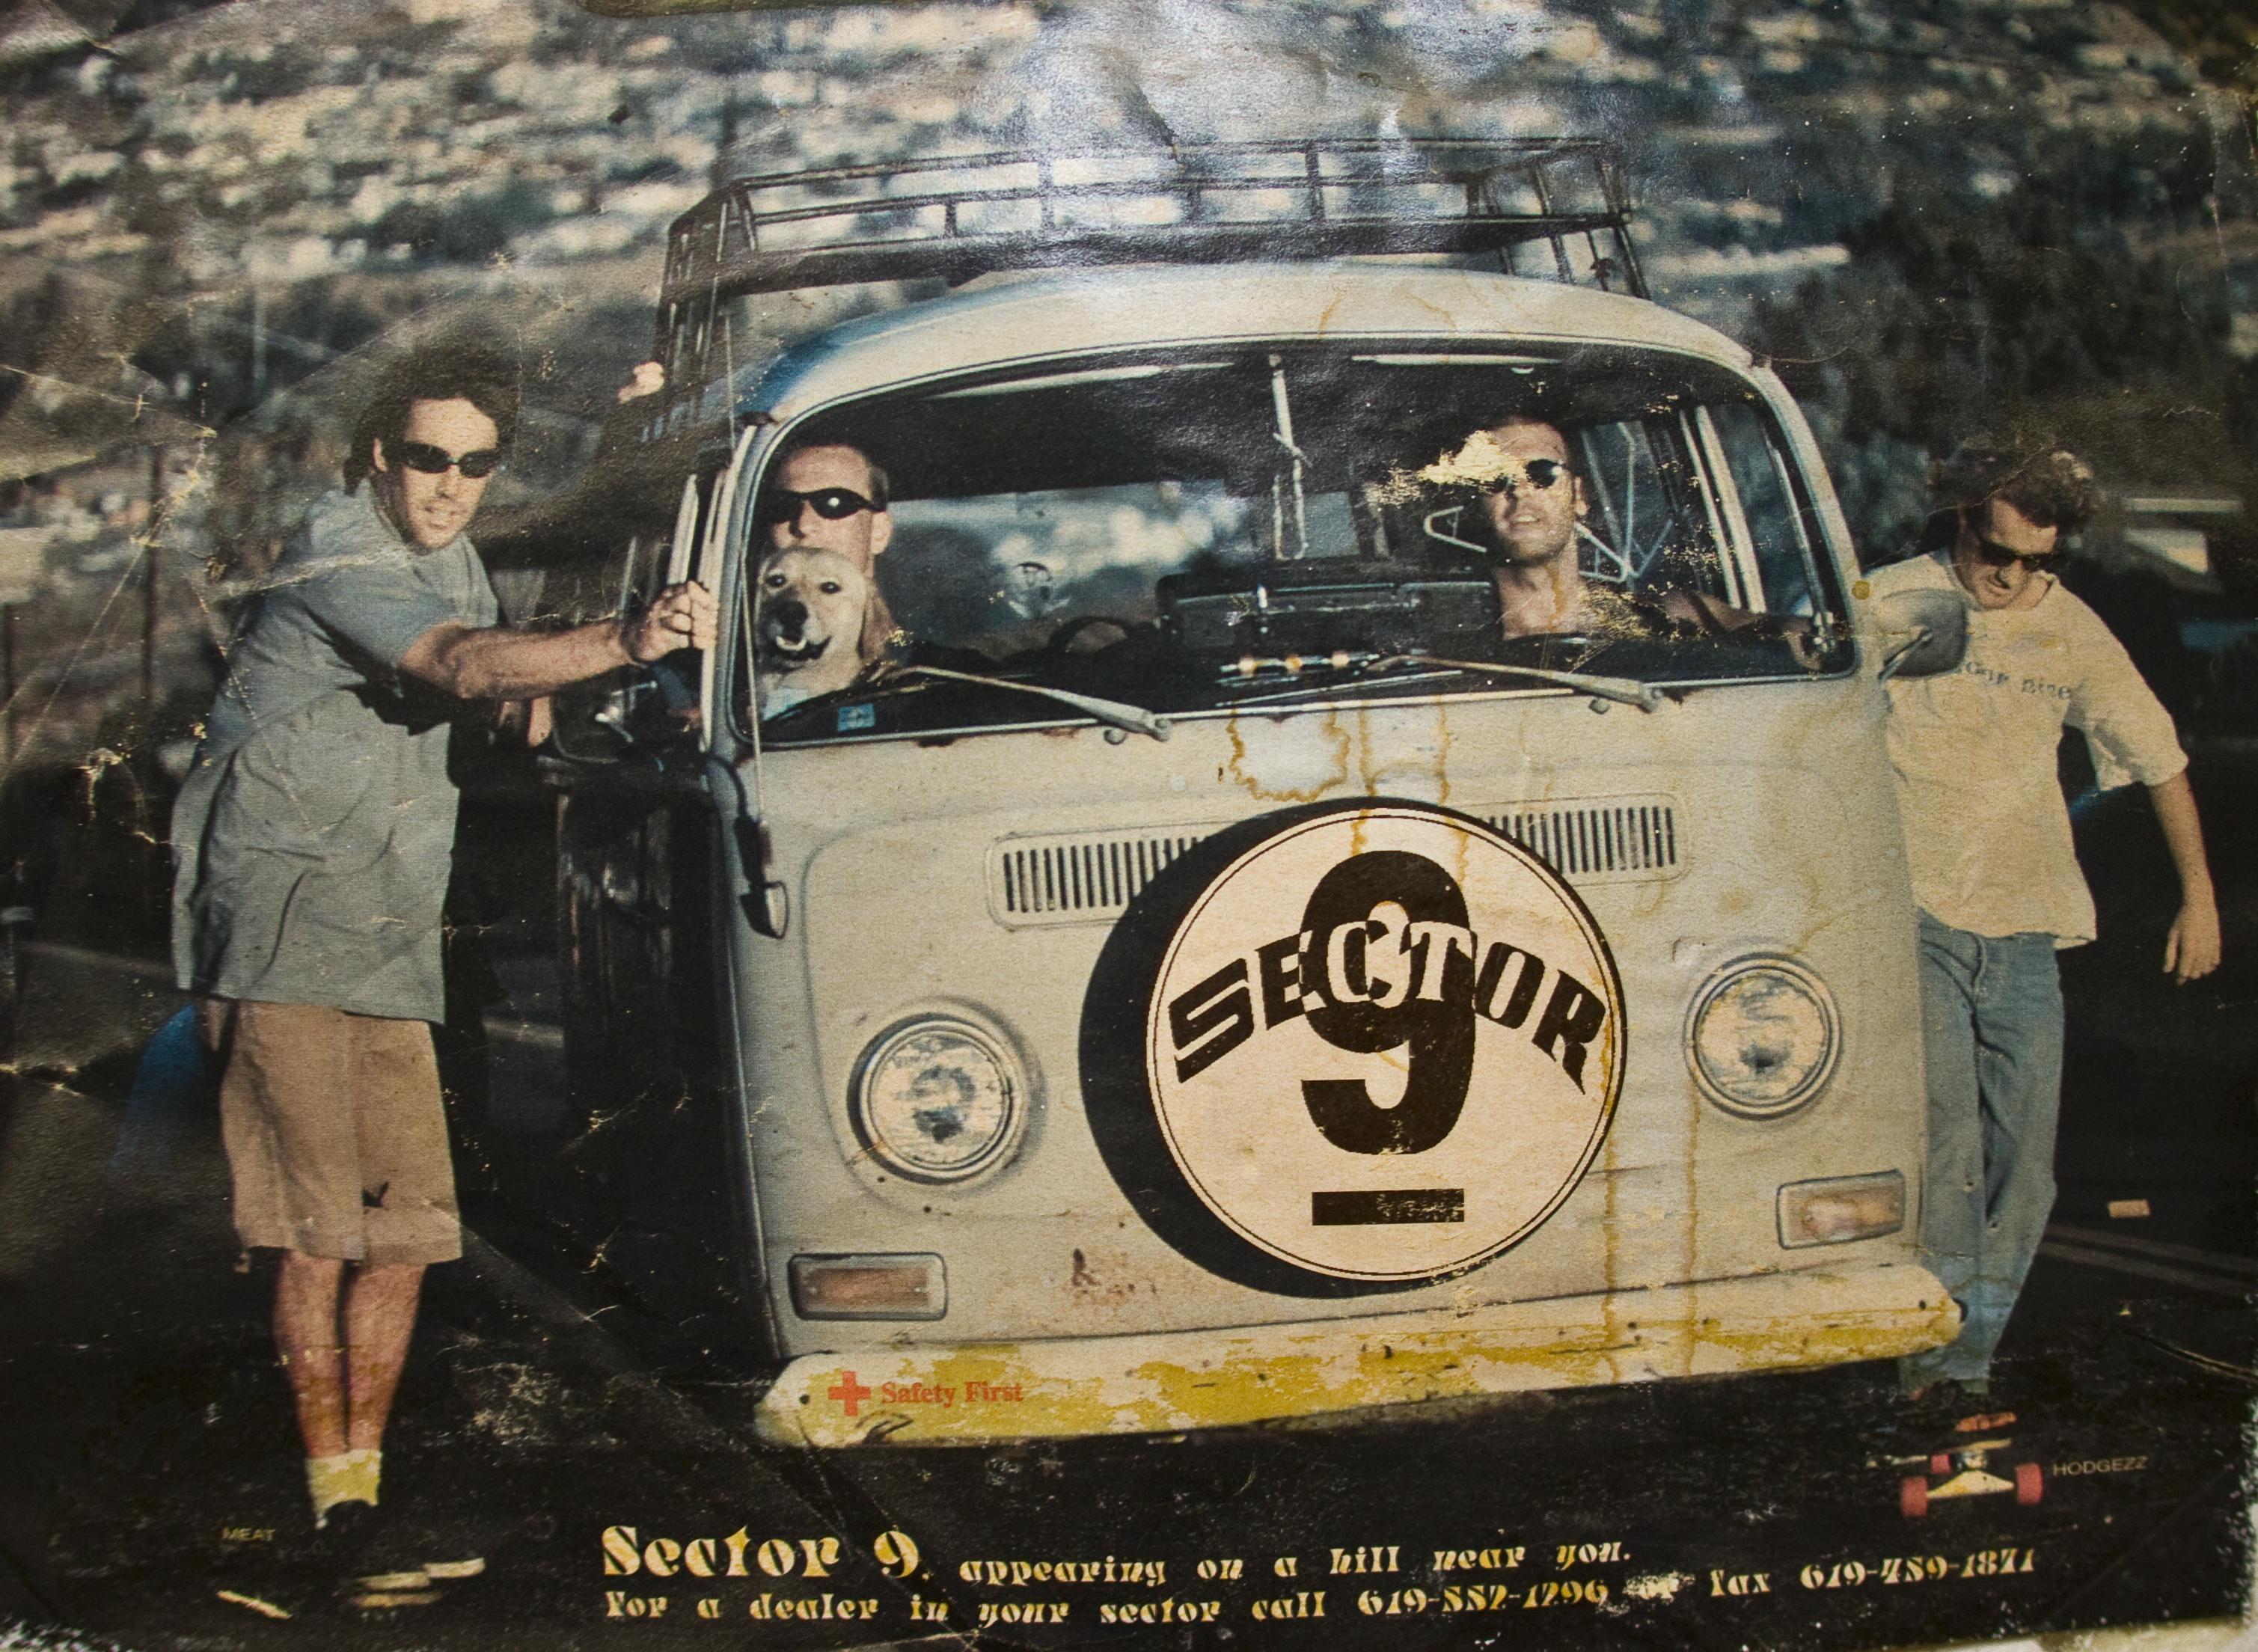 Это один из первых рекламных плакатов Sector9. На фото основатели компании